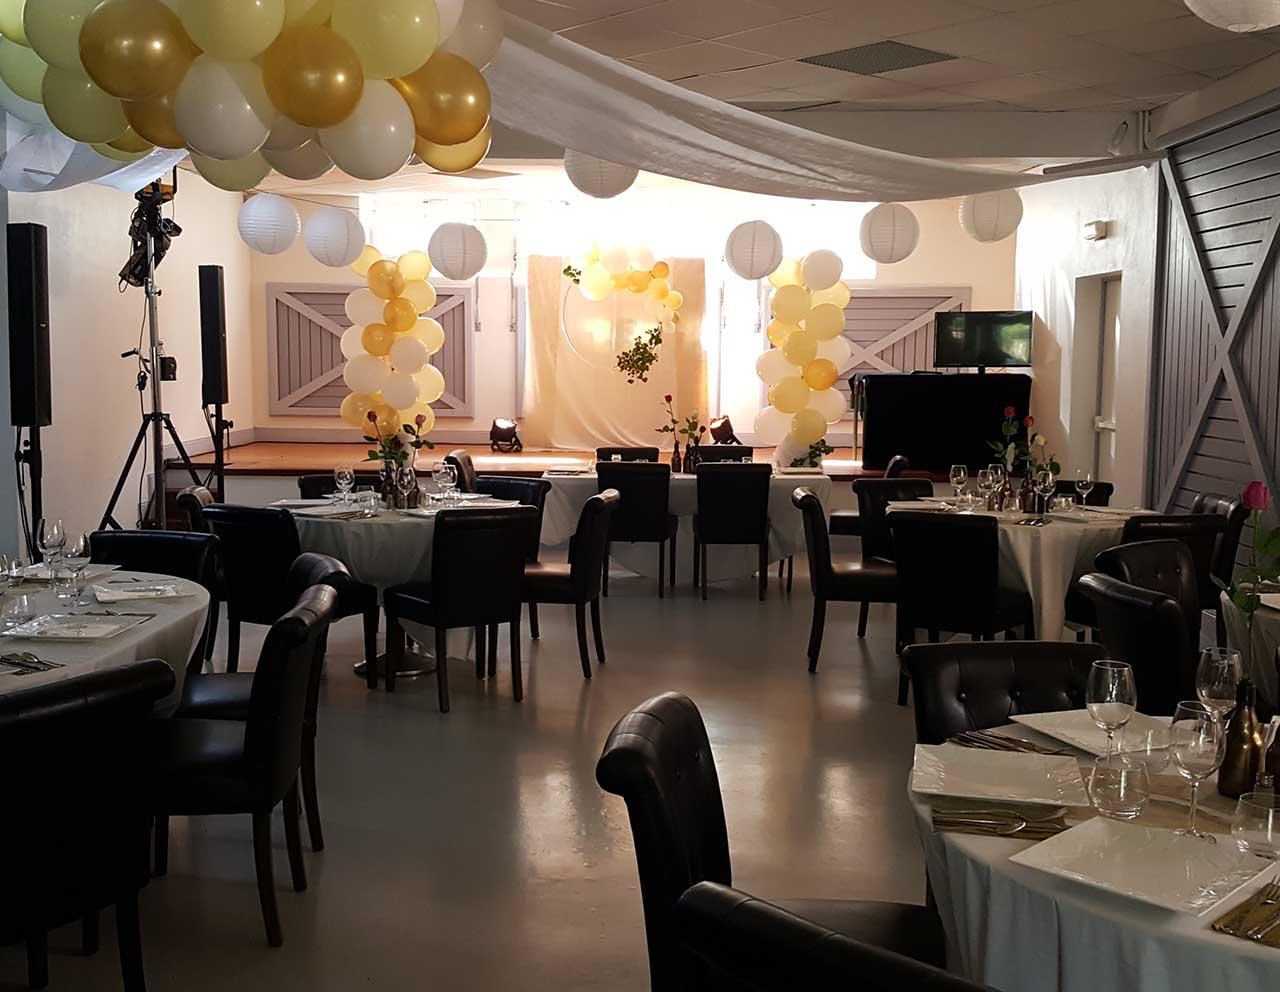 Centres de table en ballons - Décoration Ballons et diverses pour vos festivités en Hautes Pyrénées (65),Gers (32), Landes (40) et Pyrénées-Atlantiques (64)